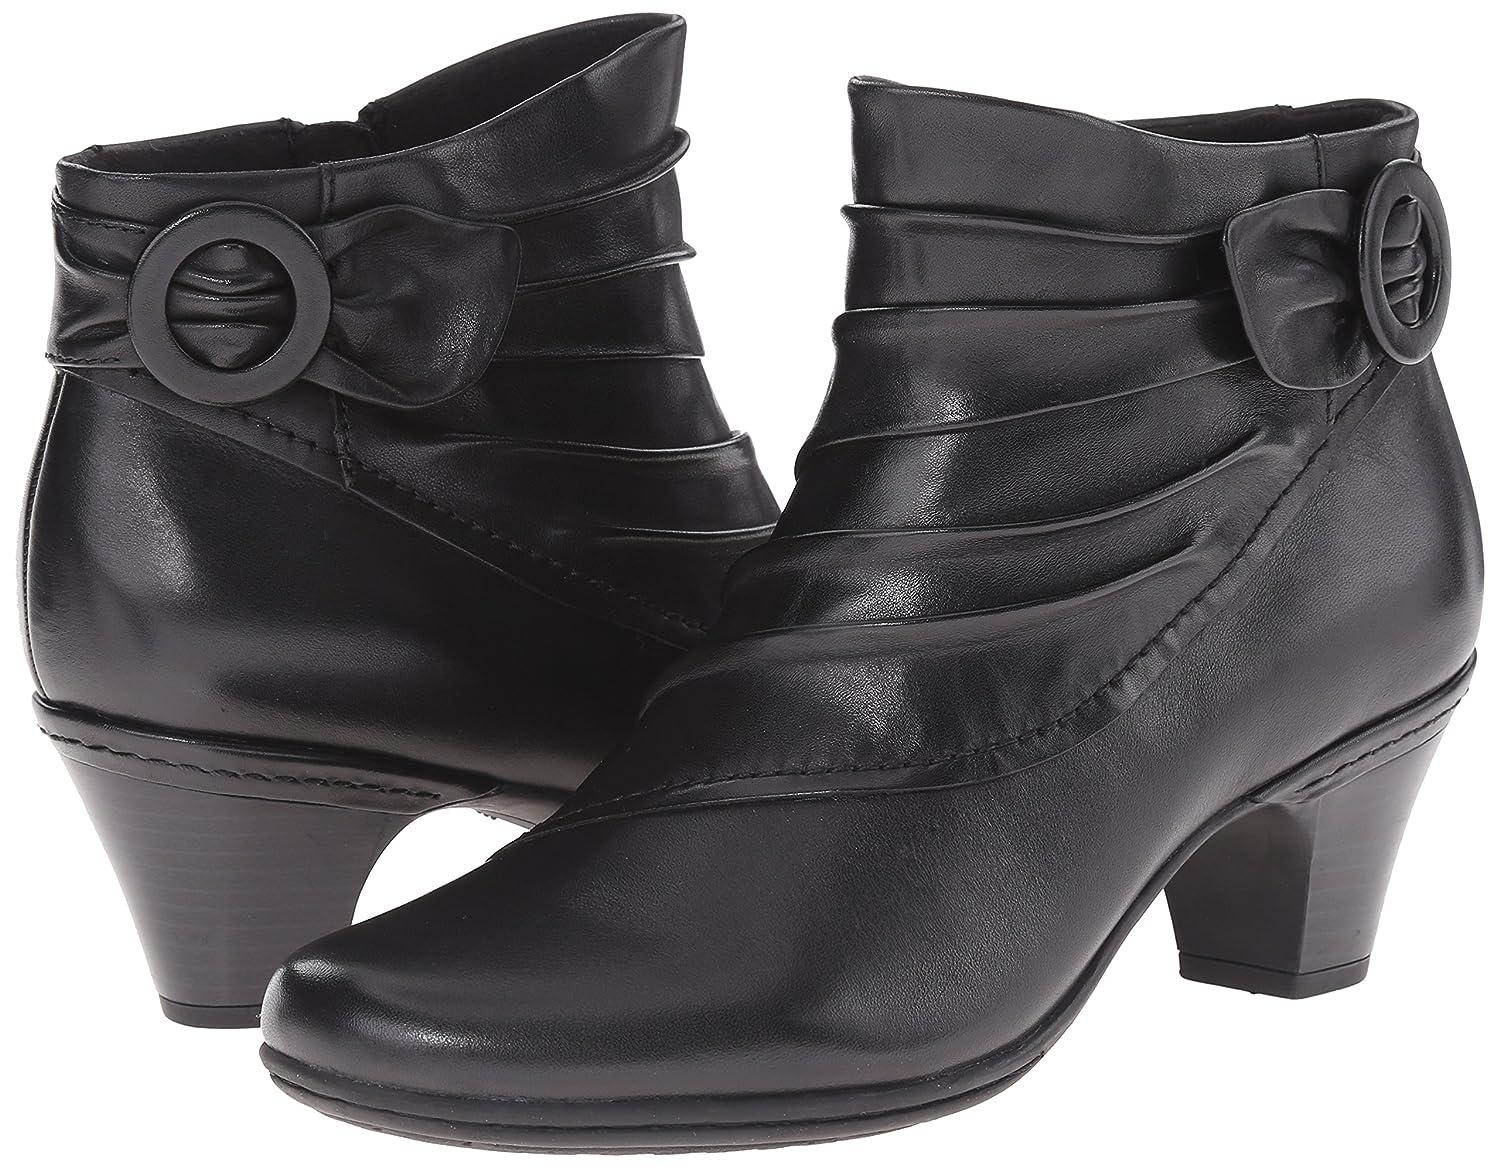 Cobb Hill Rockport Women's Sabrina Boot B00SK4FUZ8 11 B(M) US|Black